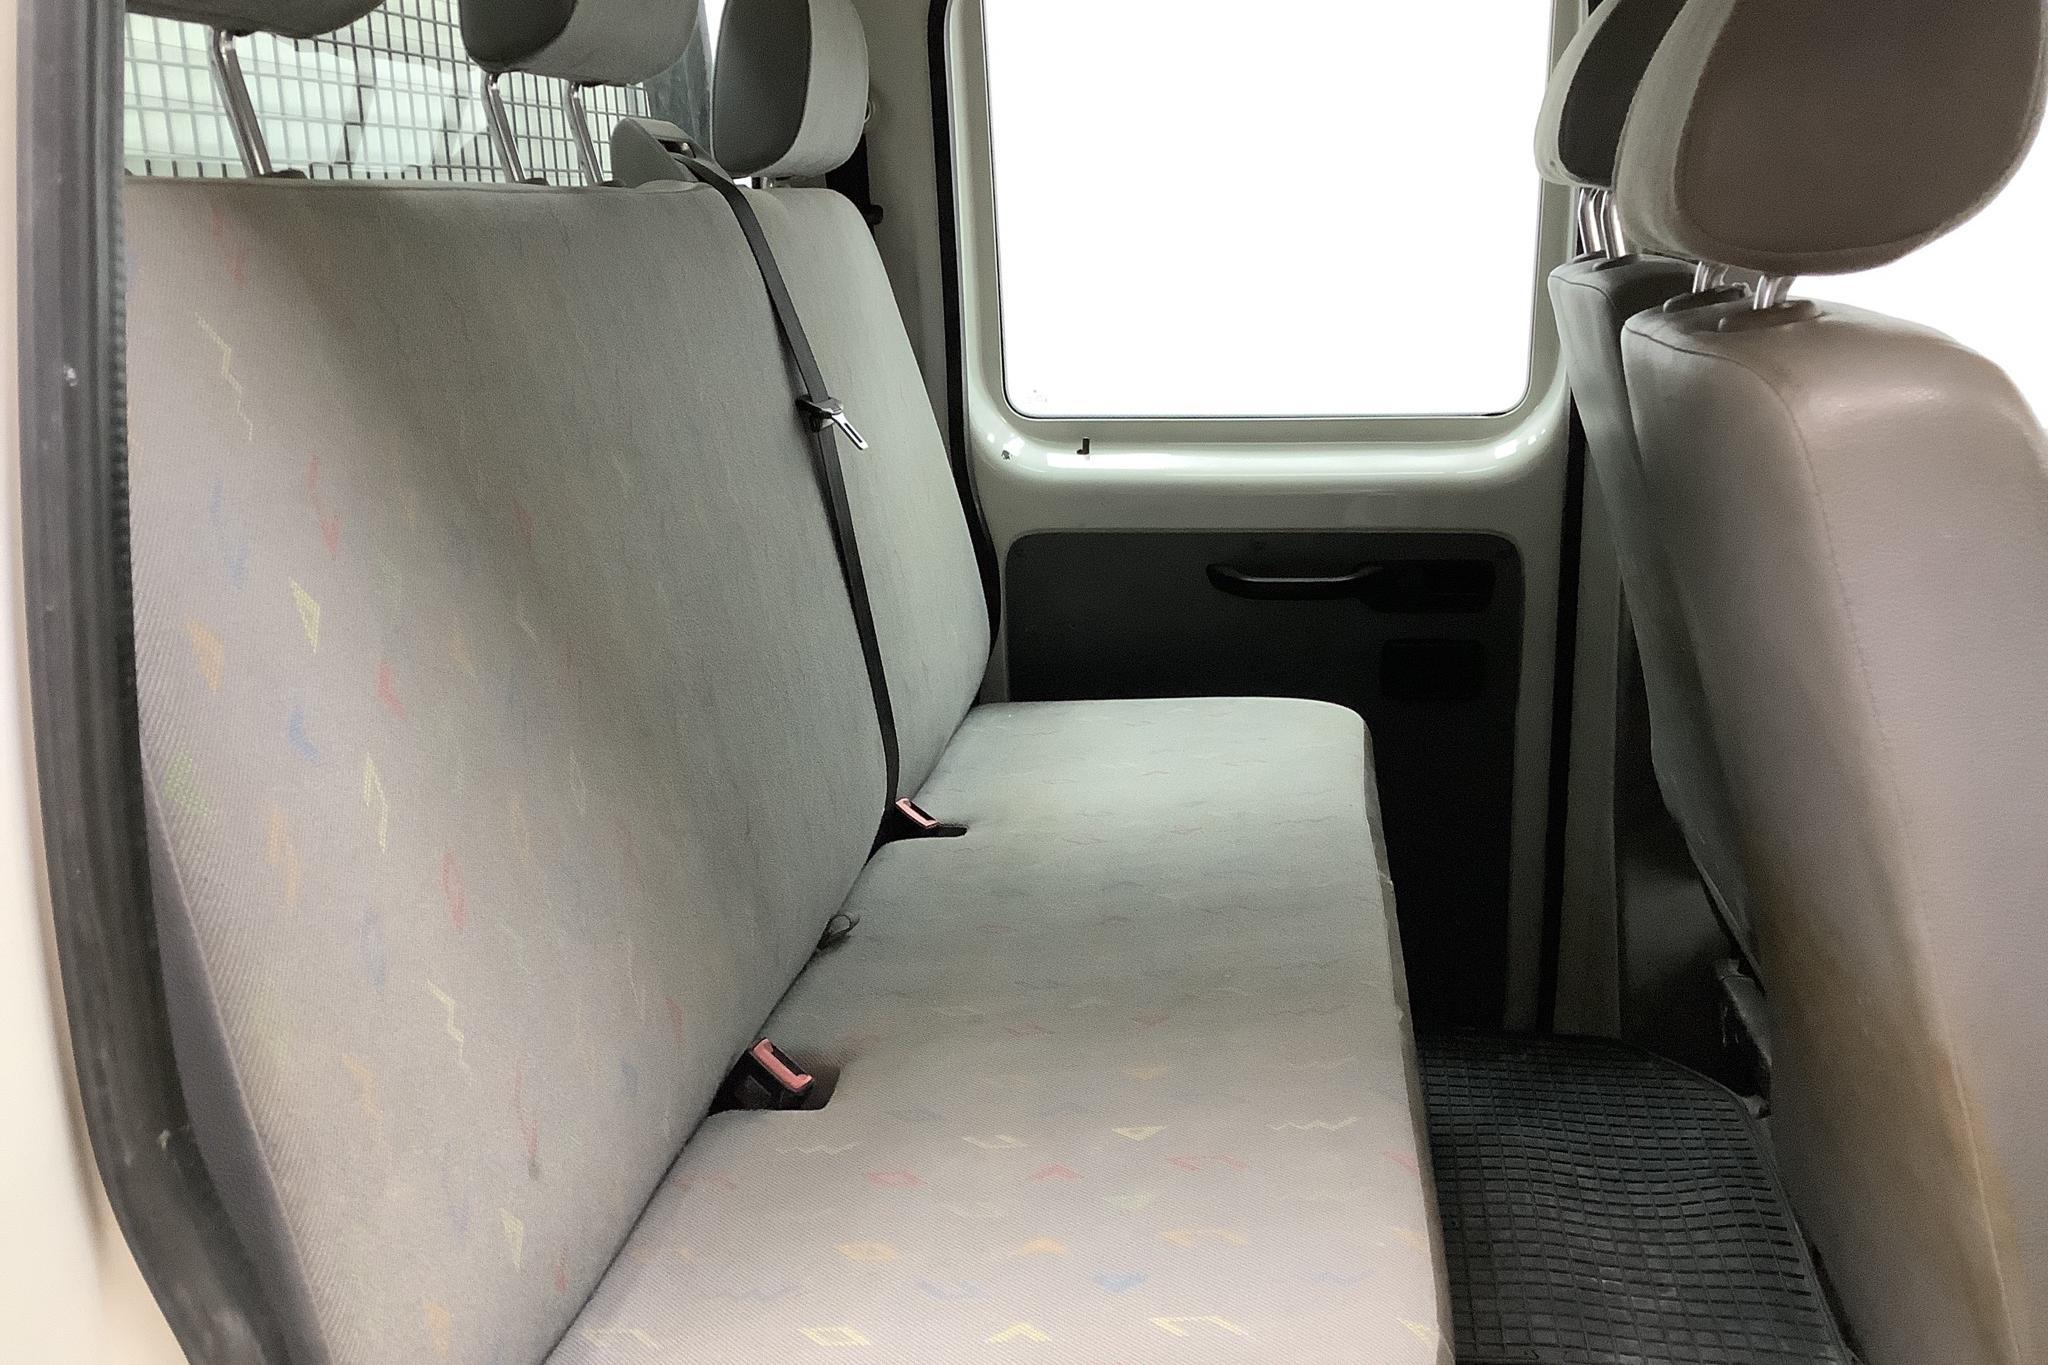 VW Transporter T5 2.0 Pickup (115hk) - 16 765 mil - Manuell - vit - 2006